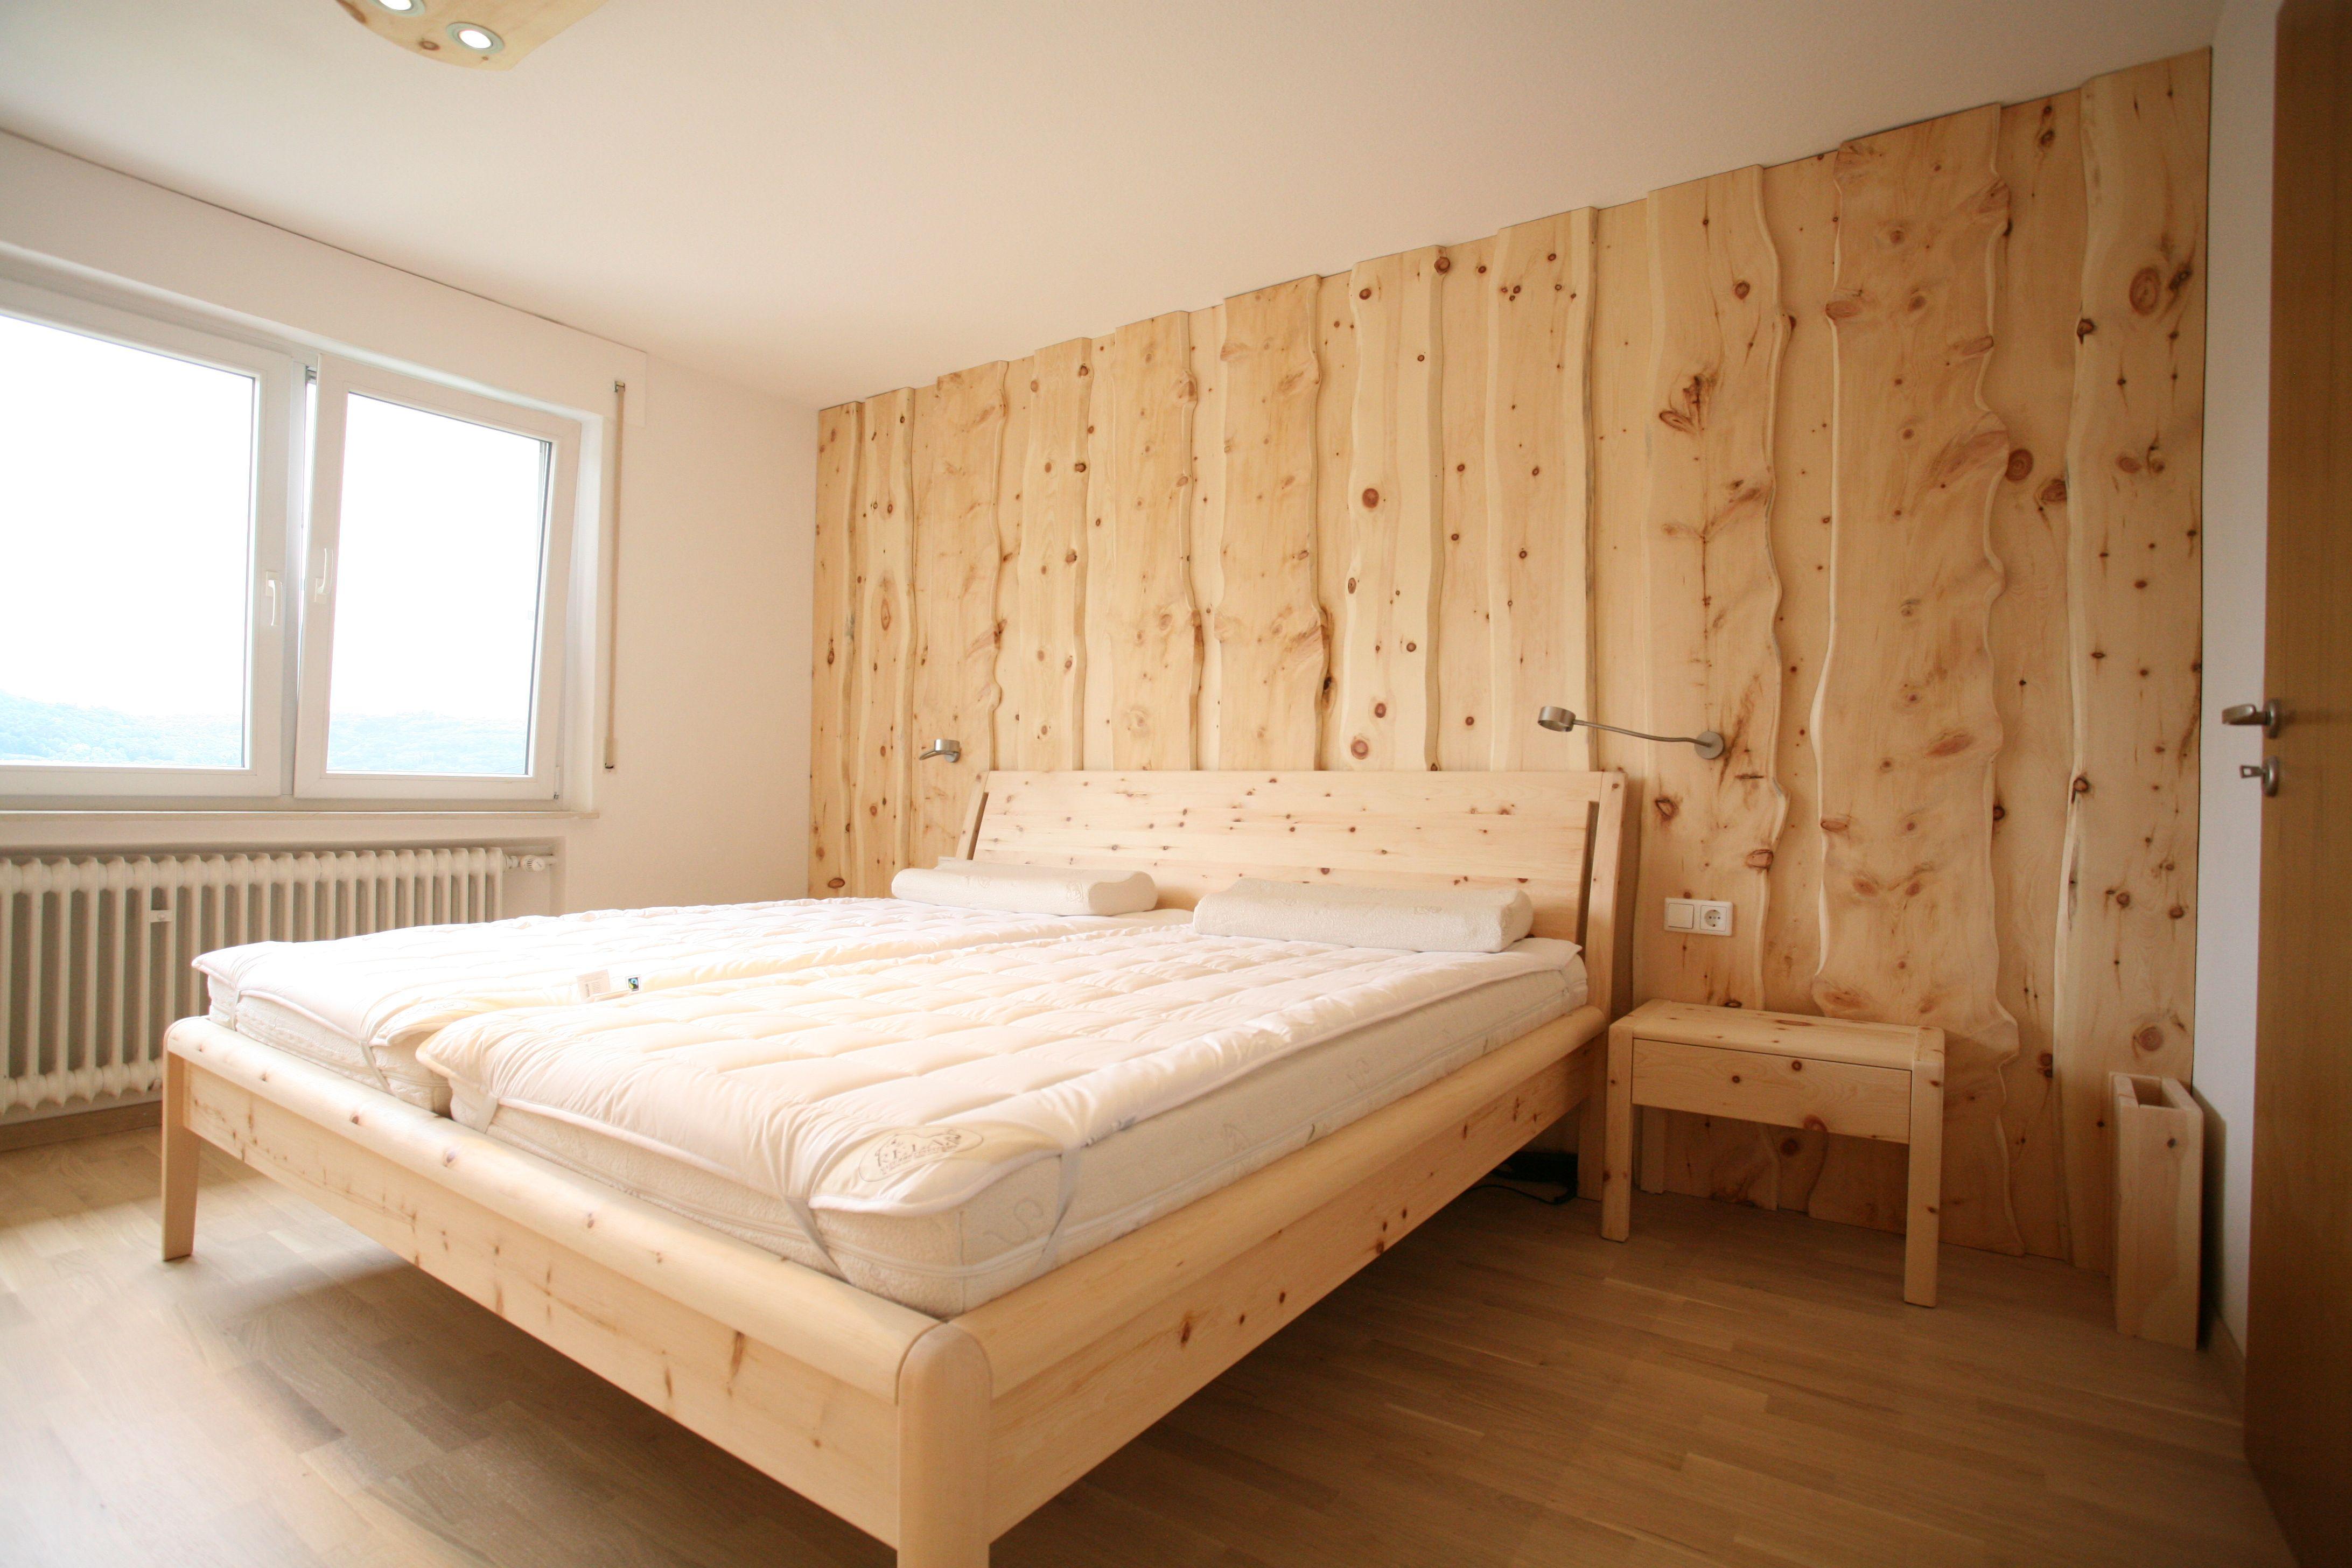 Bett, Nachtkästchen und Wandverkleidung aus Zirbenholz ...